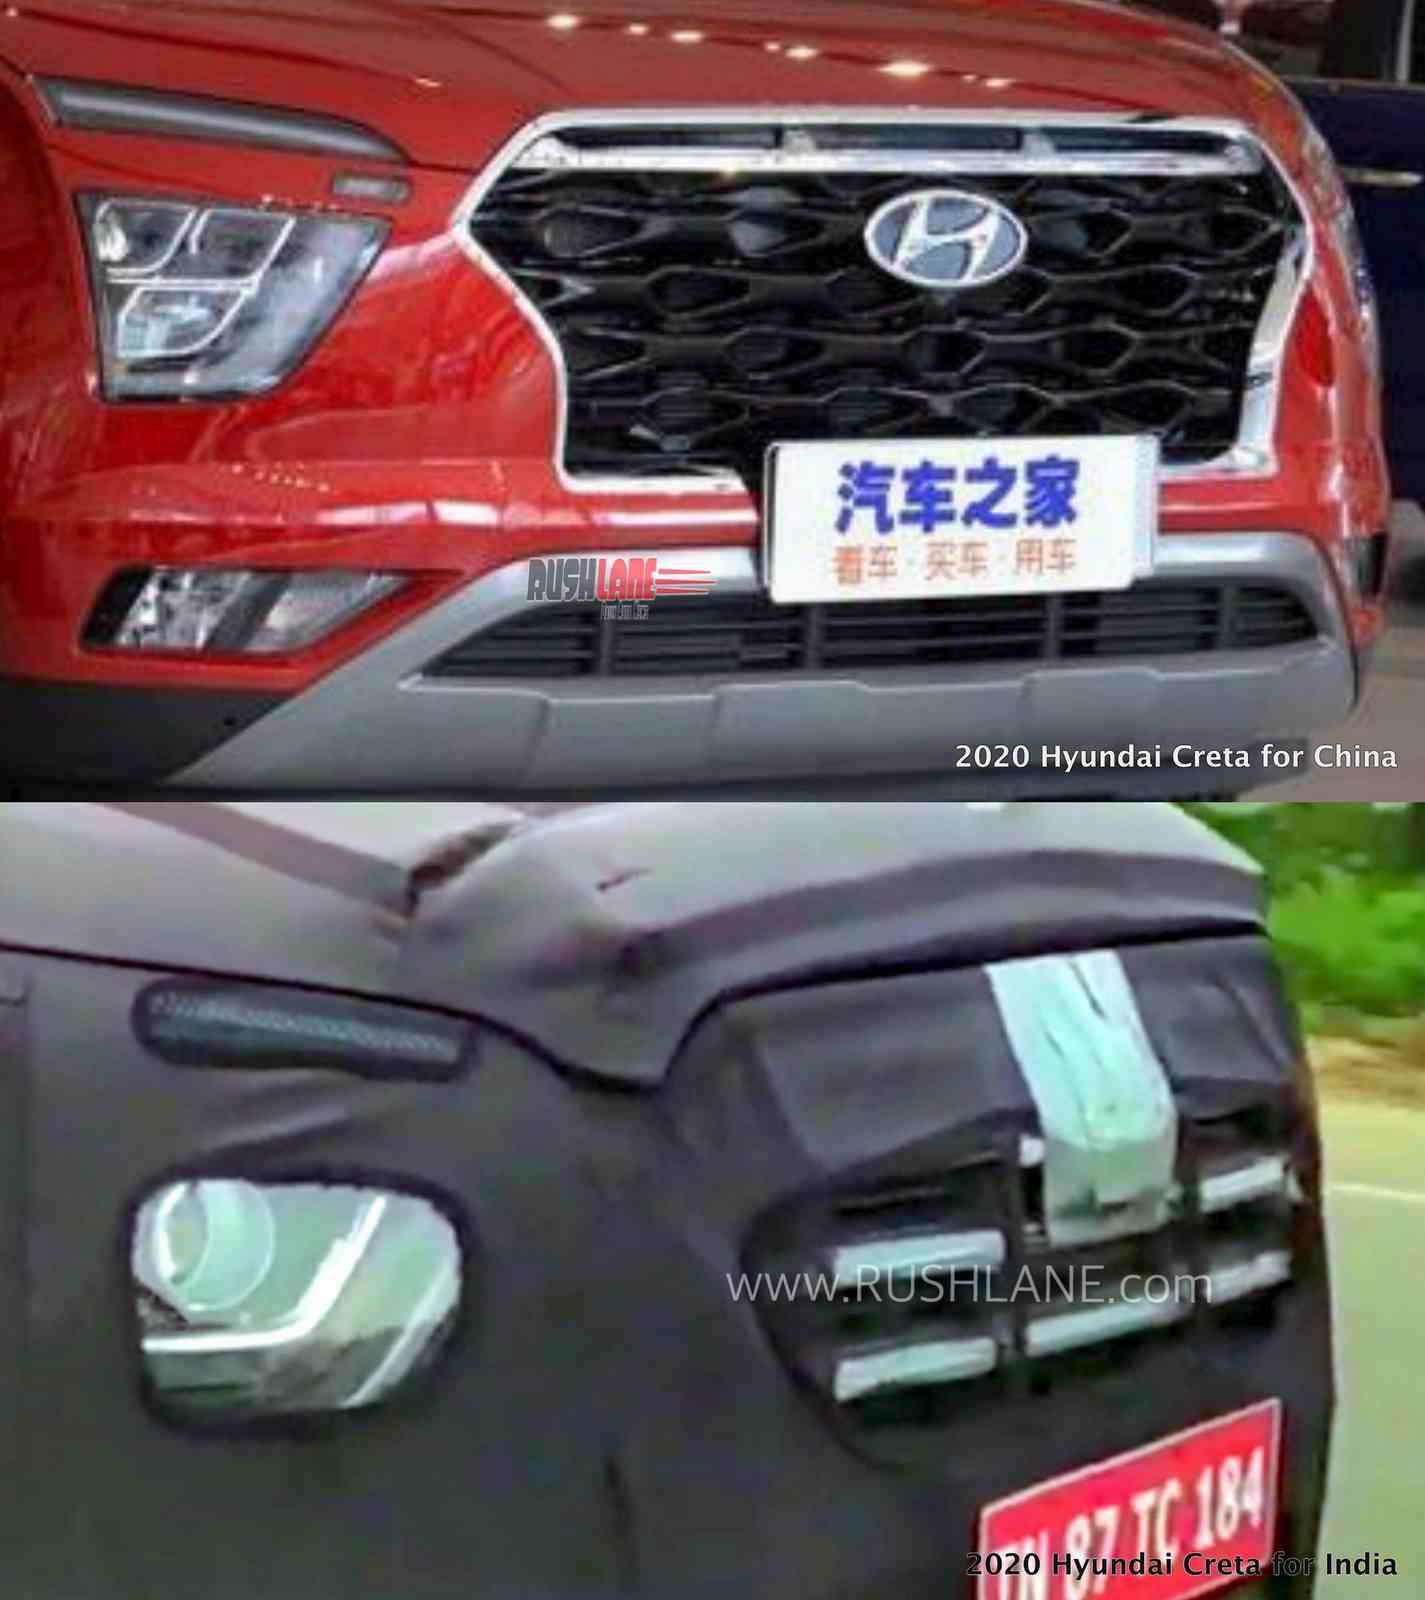 2020 Hyundai Creta India vs Chinese